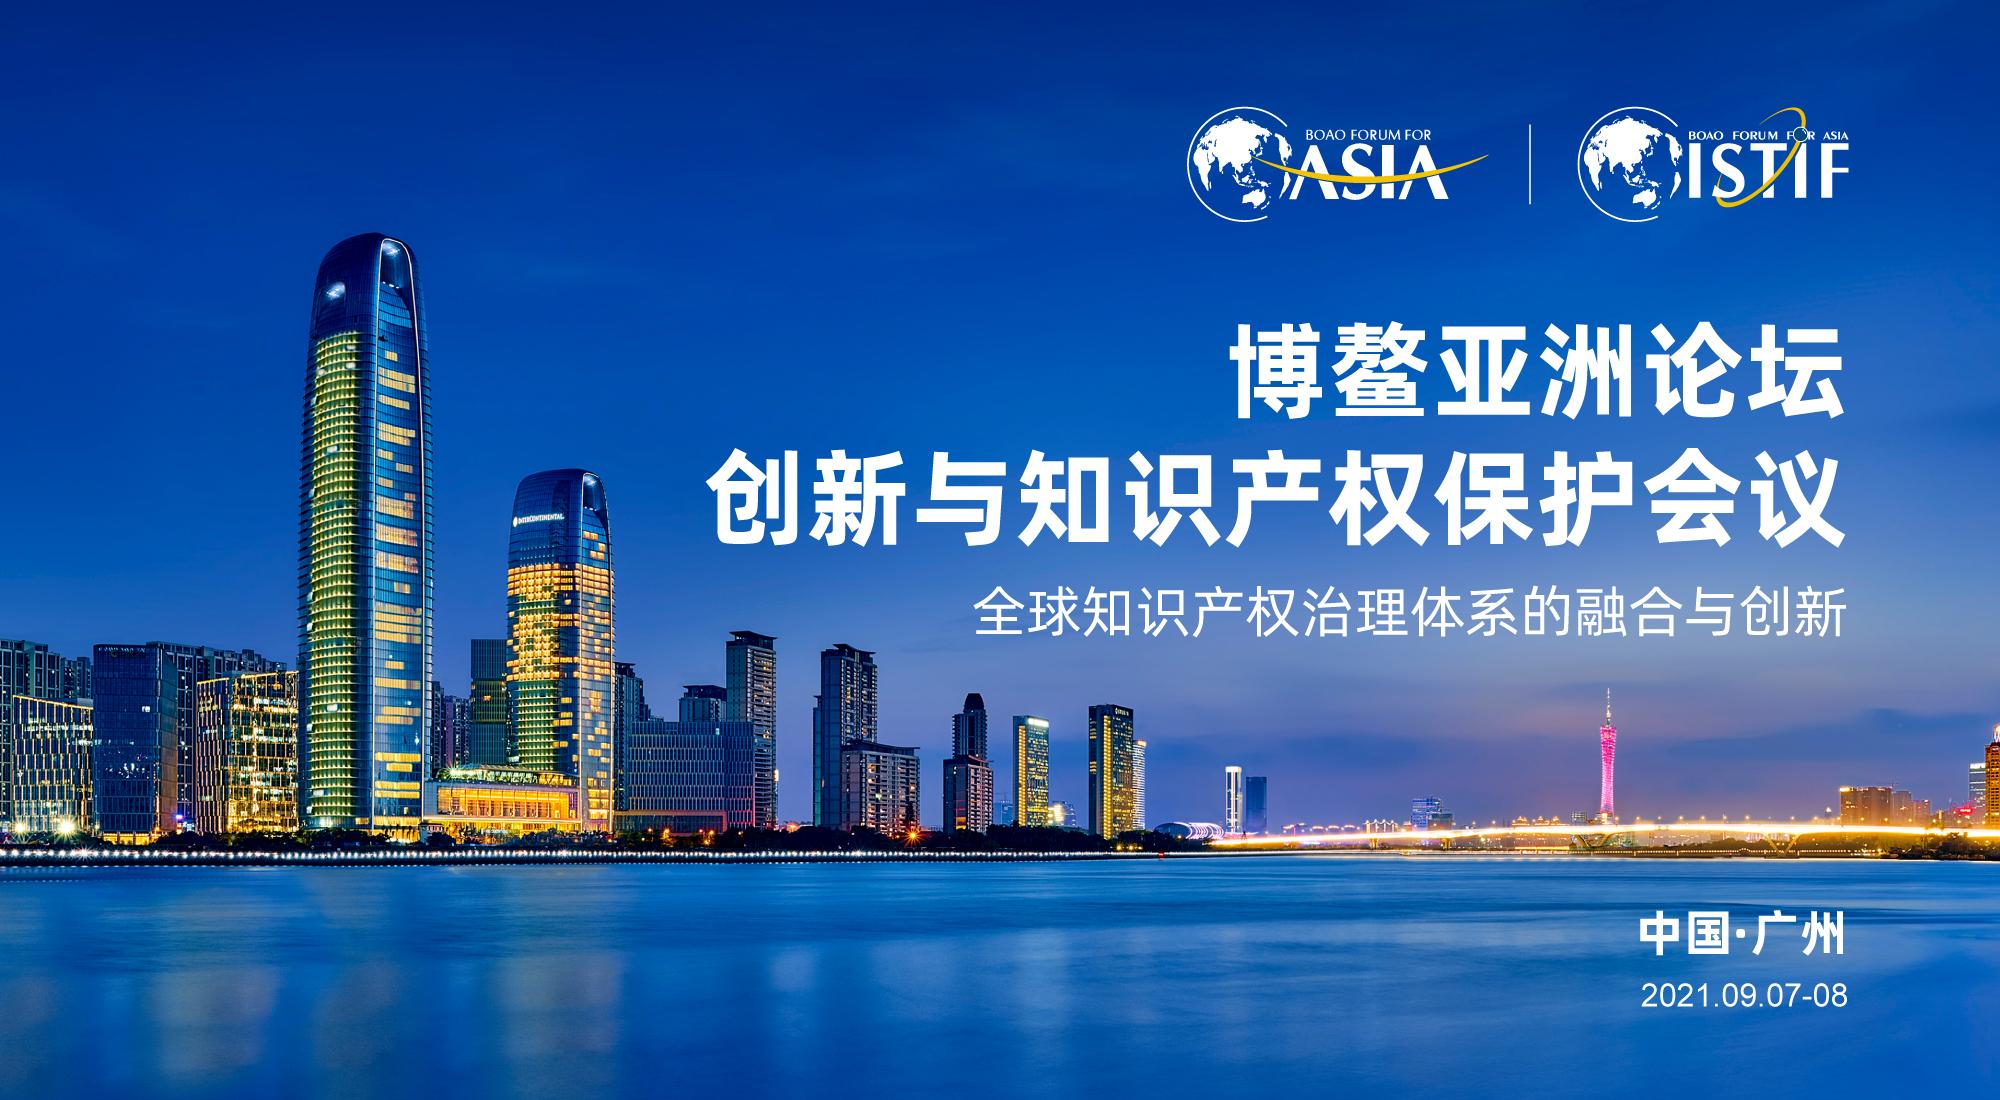 博鳌亚洲论坛创新与知识产权保护会议将在广州举办